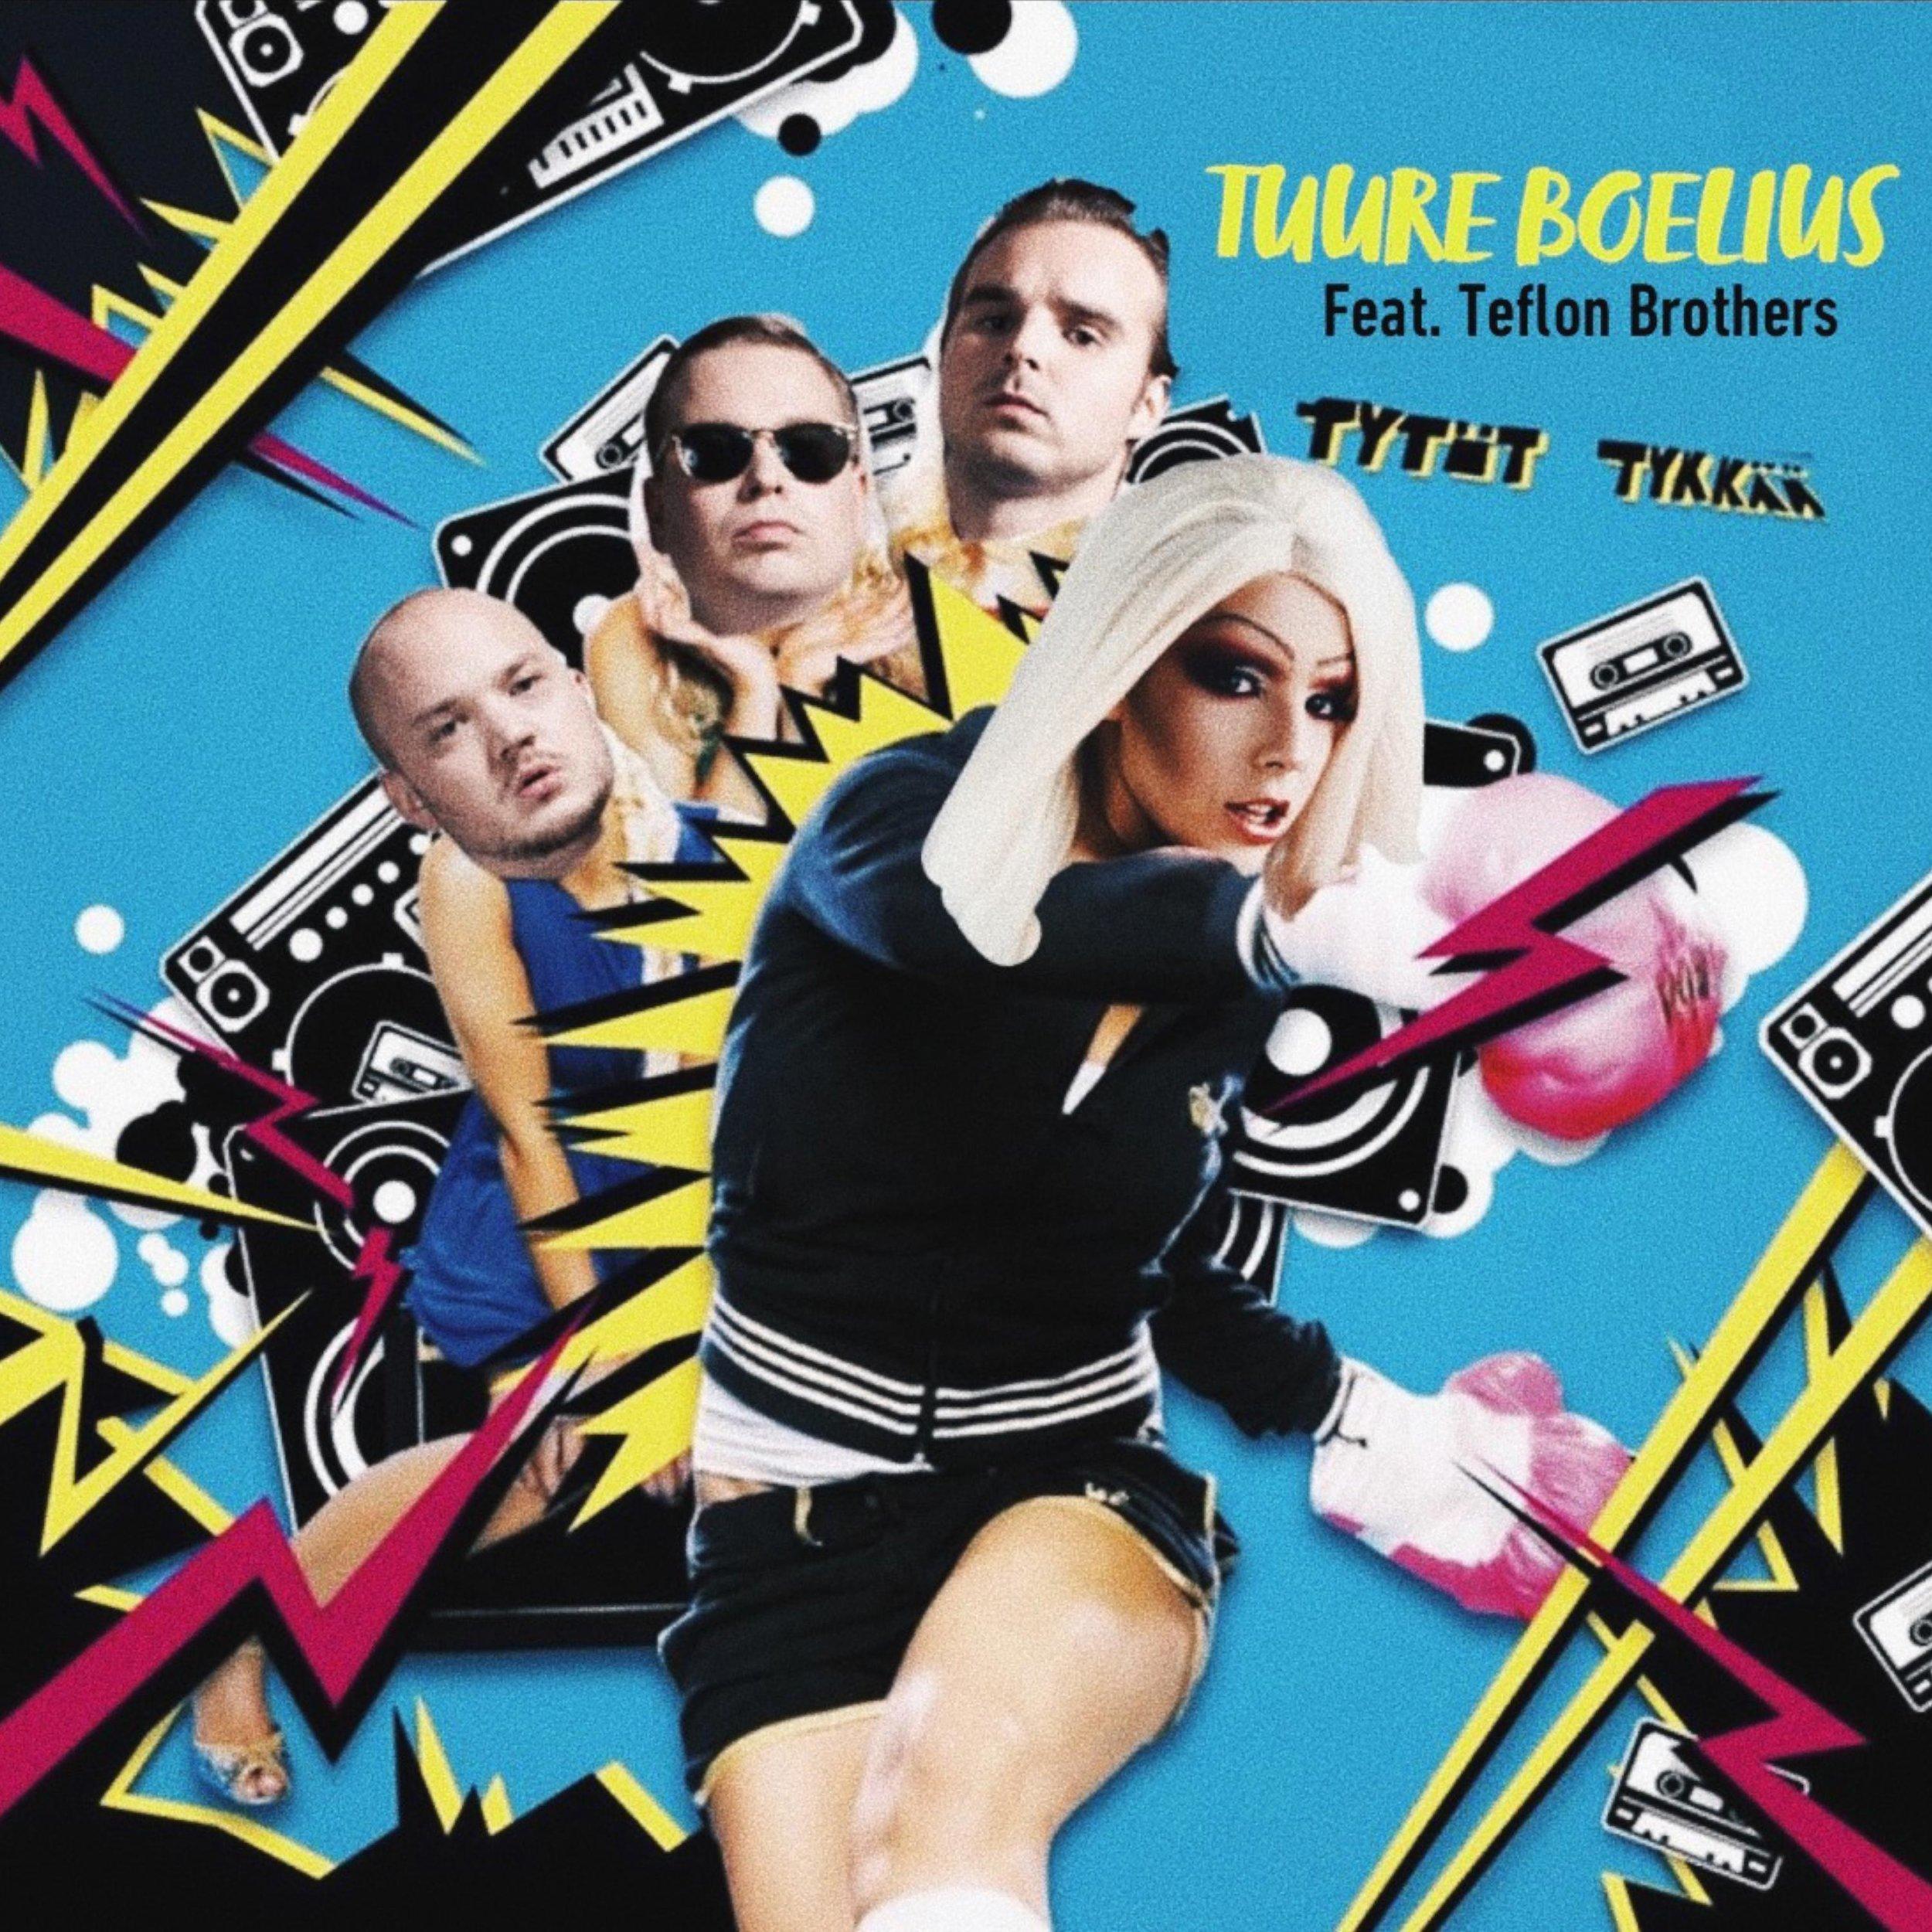 Tuure Boelius - TYTÖT TYKKÄÄ (feat. Teflon Brothers).jpg